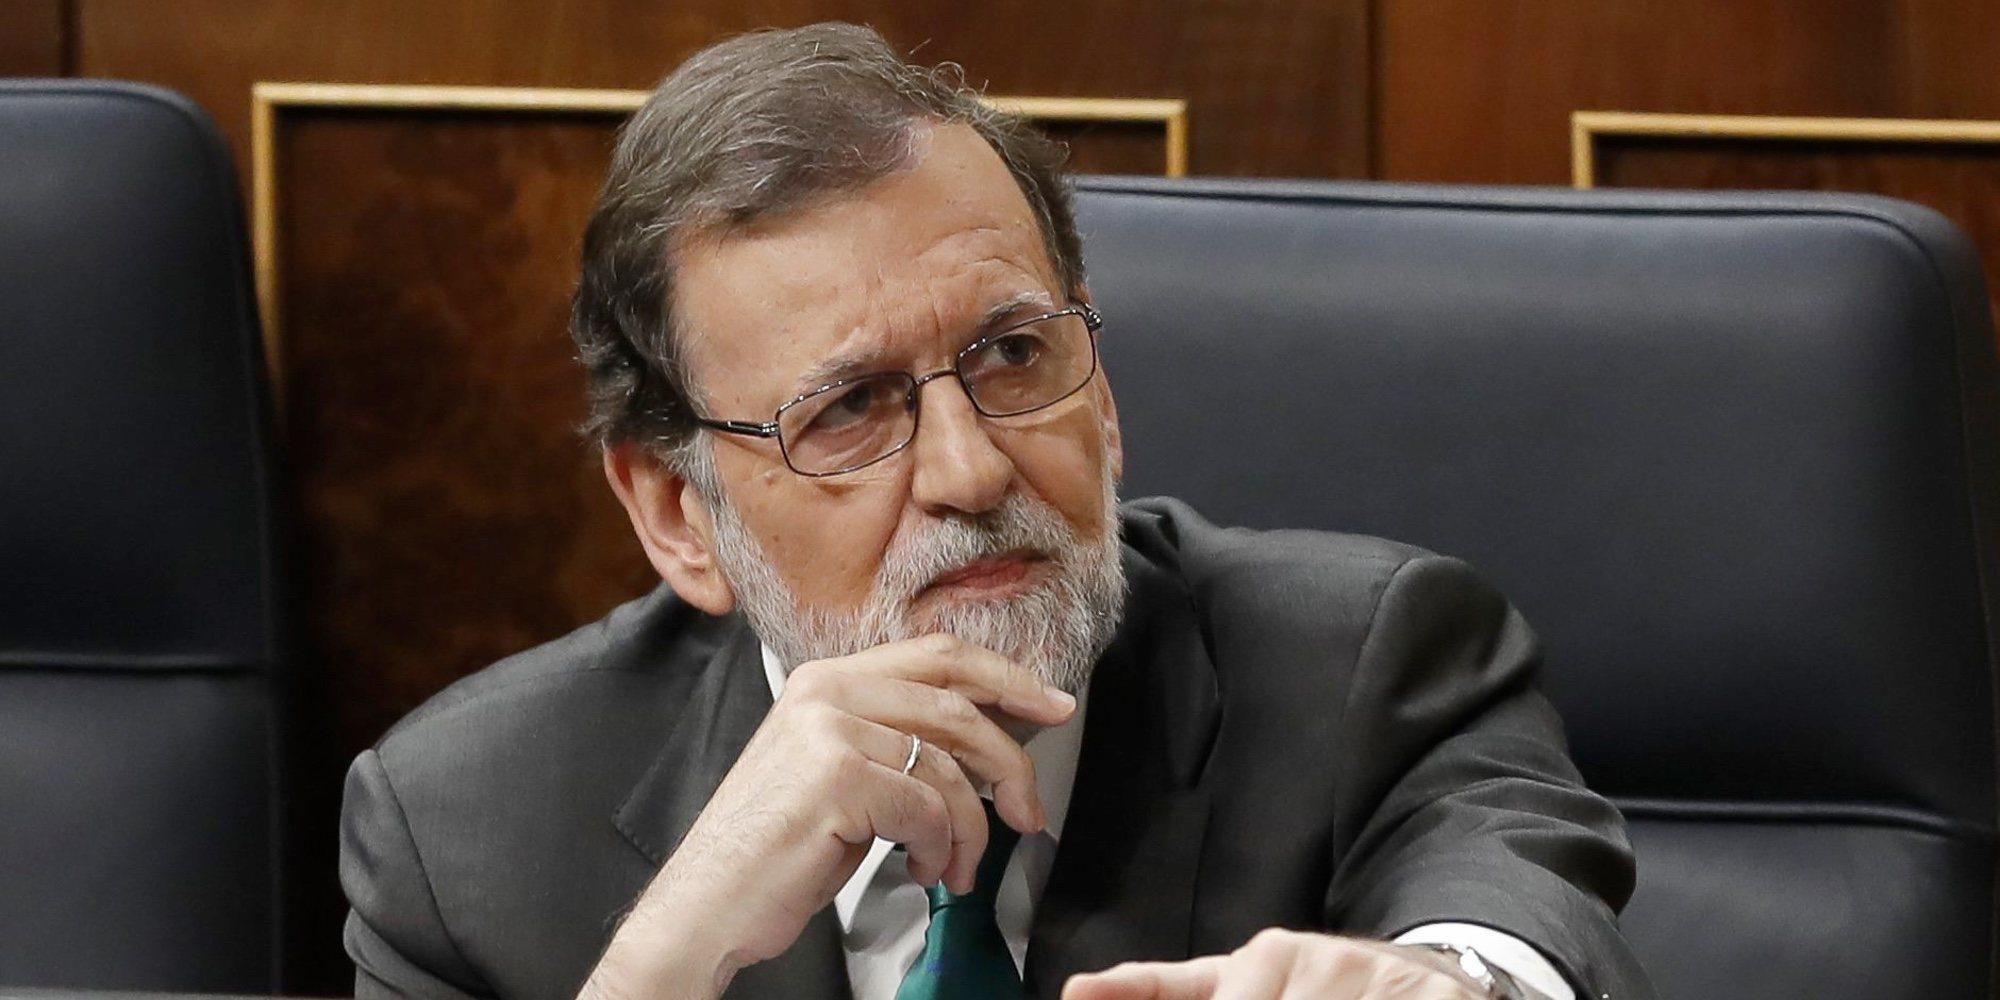 Mariano Rajoy, pillado saltándose el confinamiento